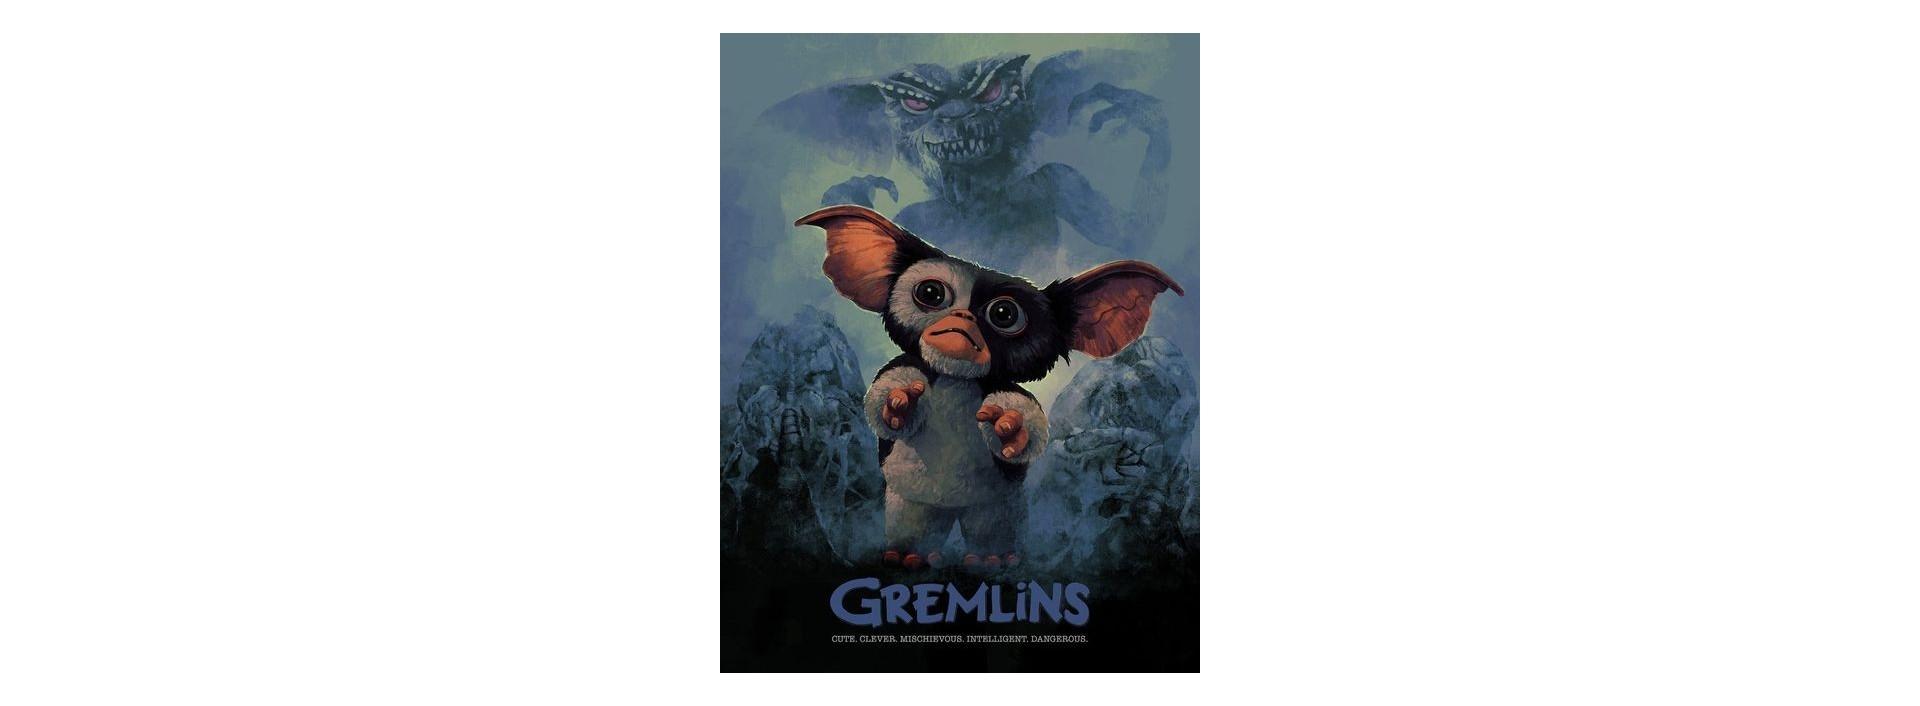 Funko Pop Gremlins en Mascromos.com Tu web de cromos y Funko Pop online